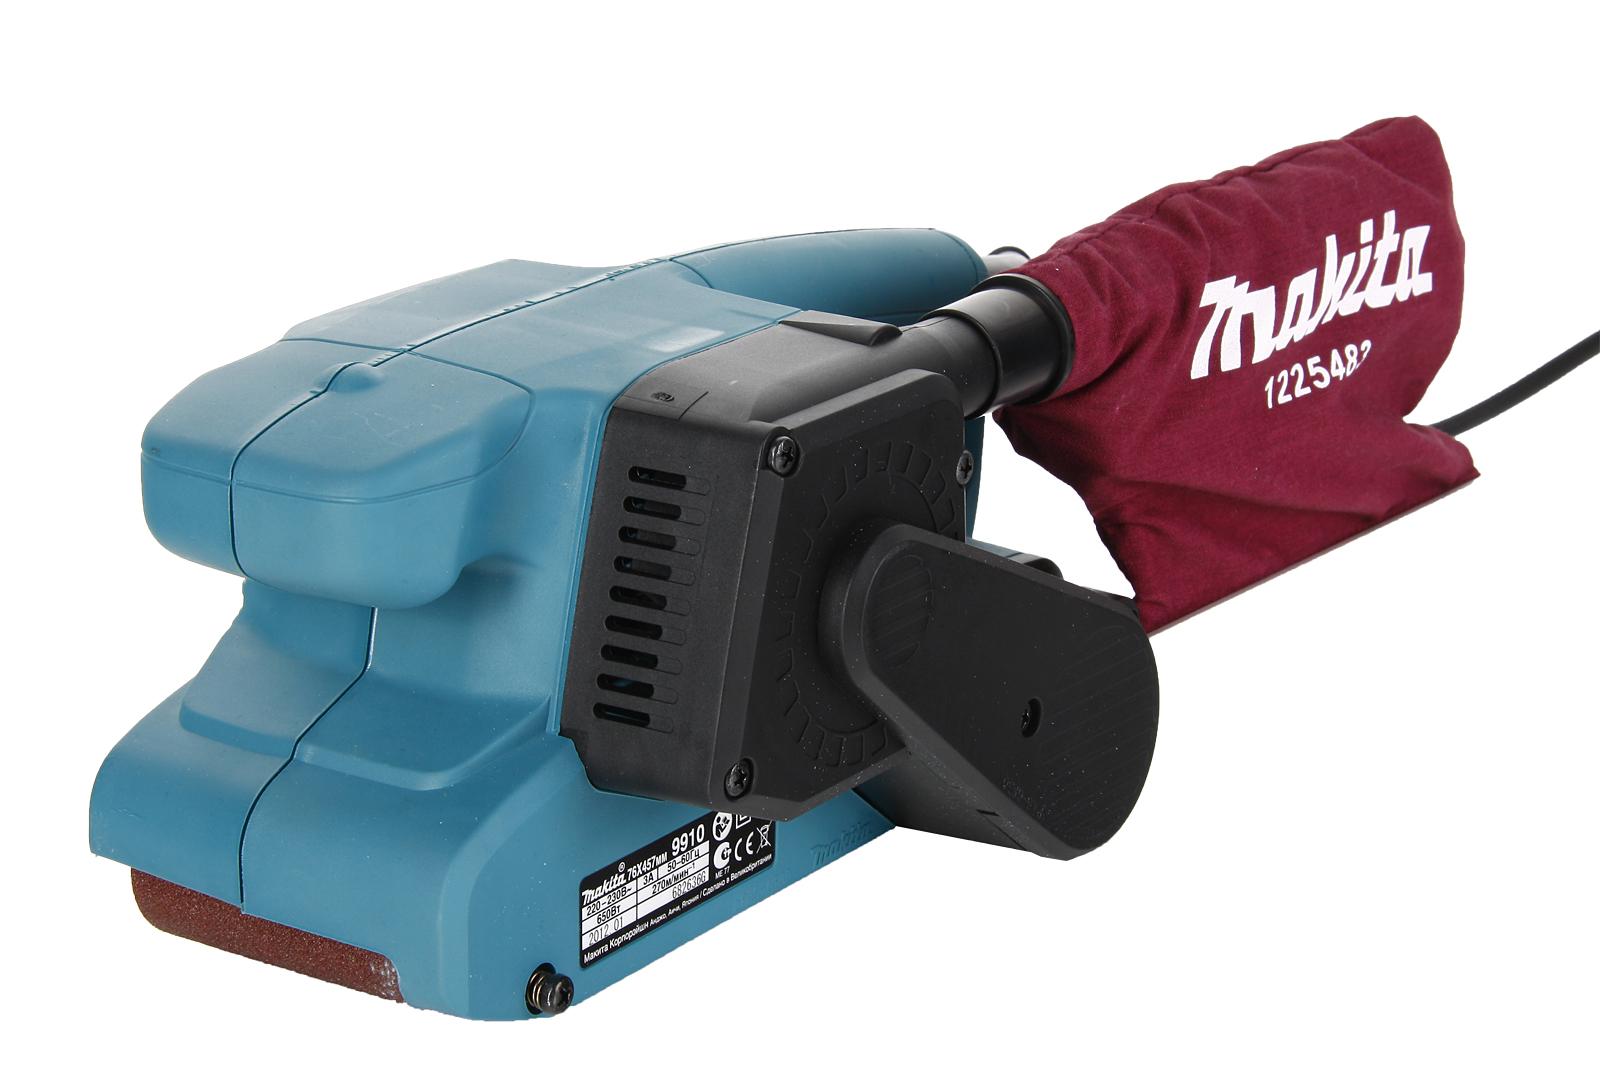 Машинка шлифовальная ленточная Makita 9910 - это интересная покупка. Знаете, что выбрать товары марки Makita - это выгодно и недорого.